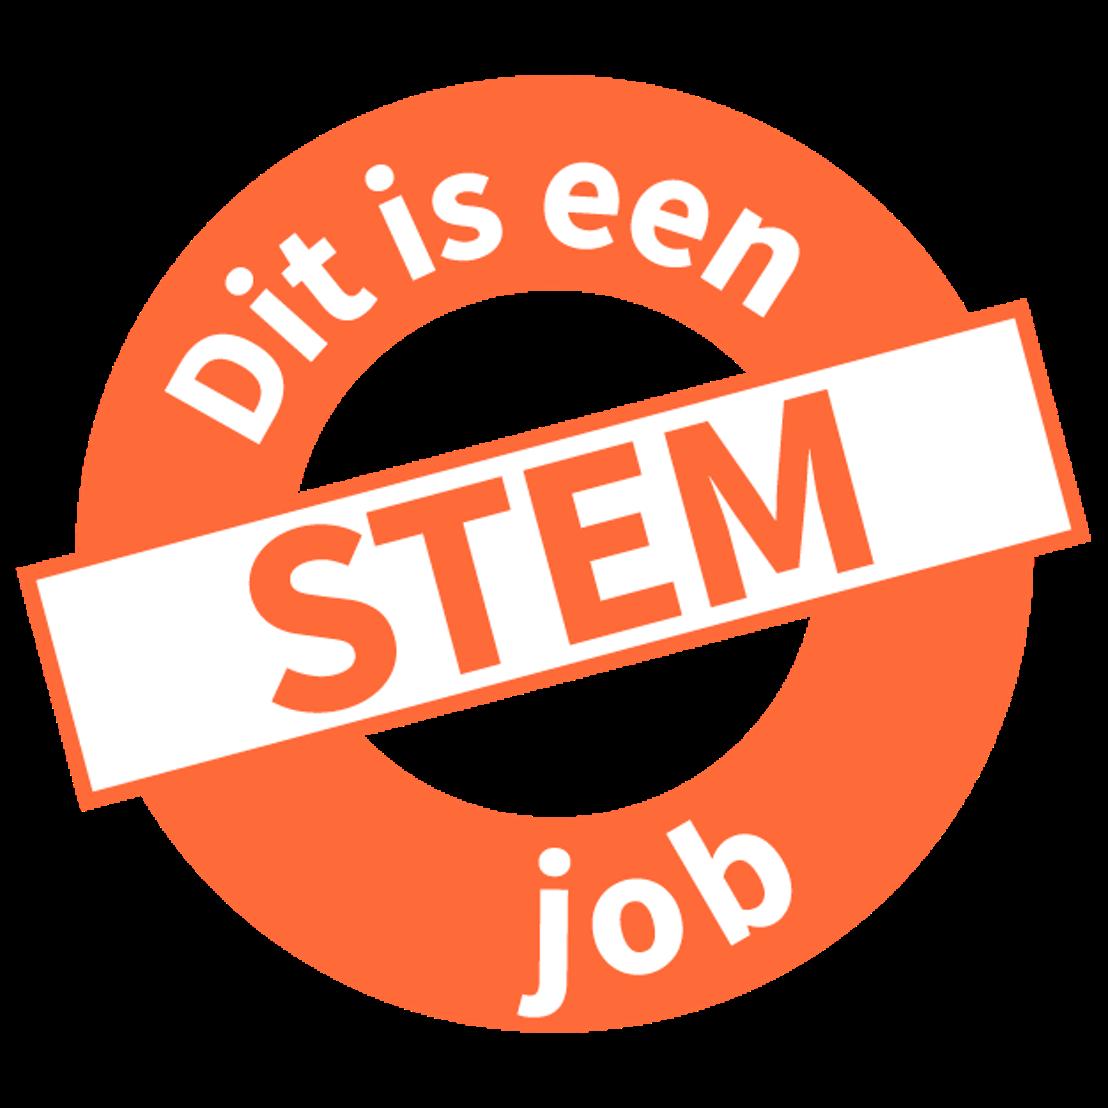 Industrie lanceert 'Dit is een STEM-job' op technische vacatures